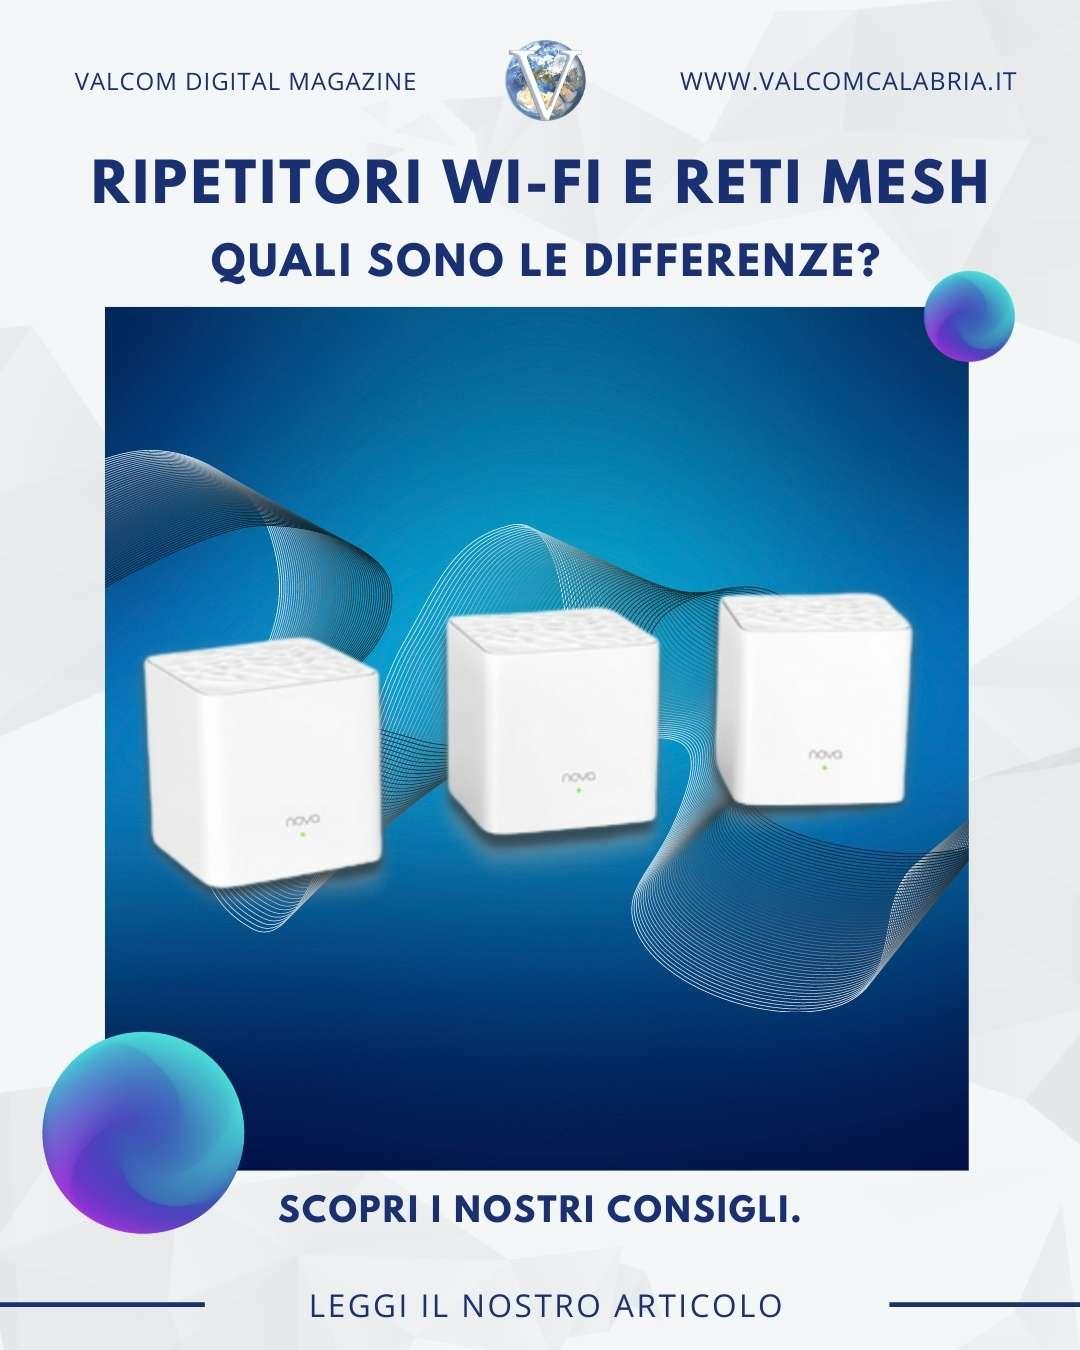 Ripetitori Wi-Fi e Router Mesh: quali sono le differenze? - Valcom Calabria